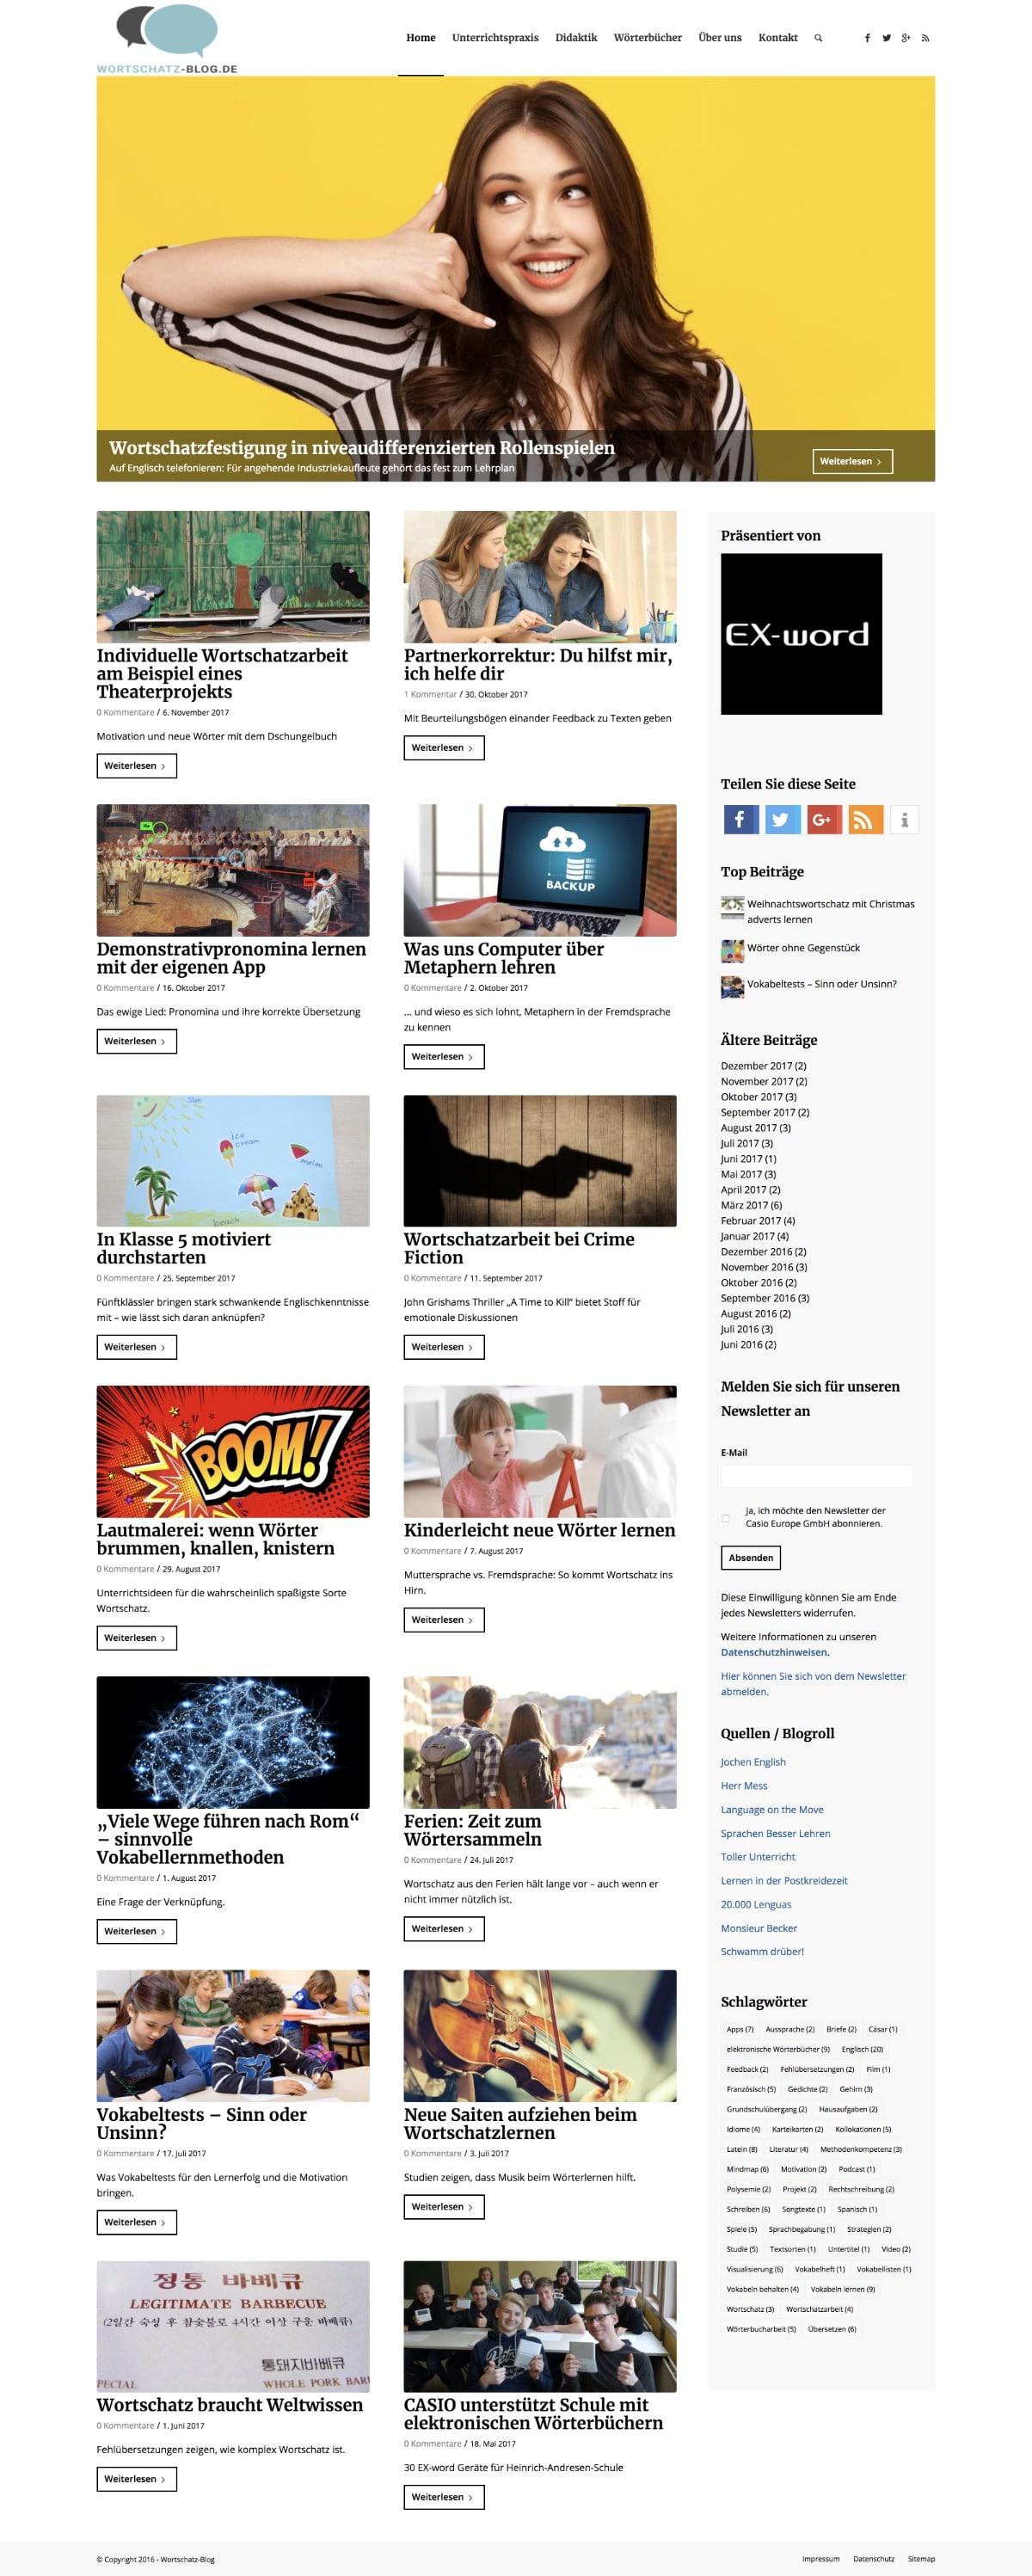 Casio Wortschatz Blog